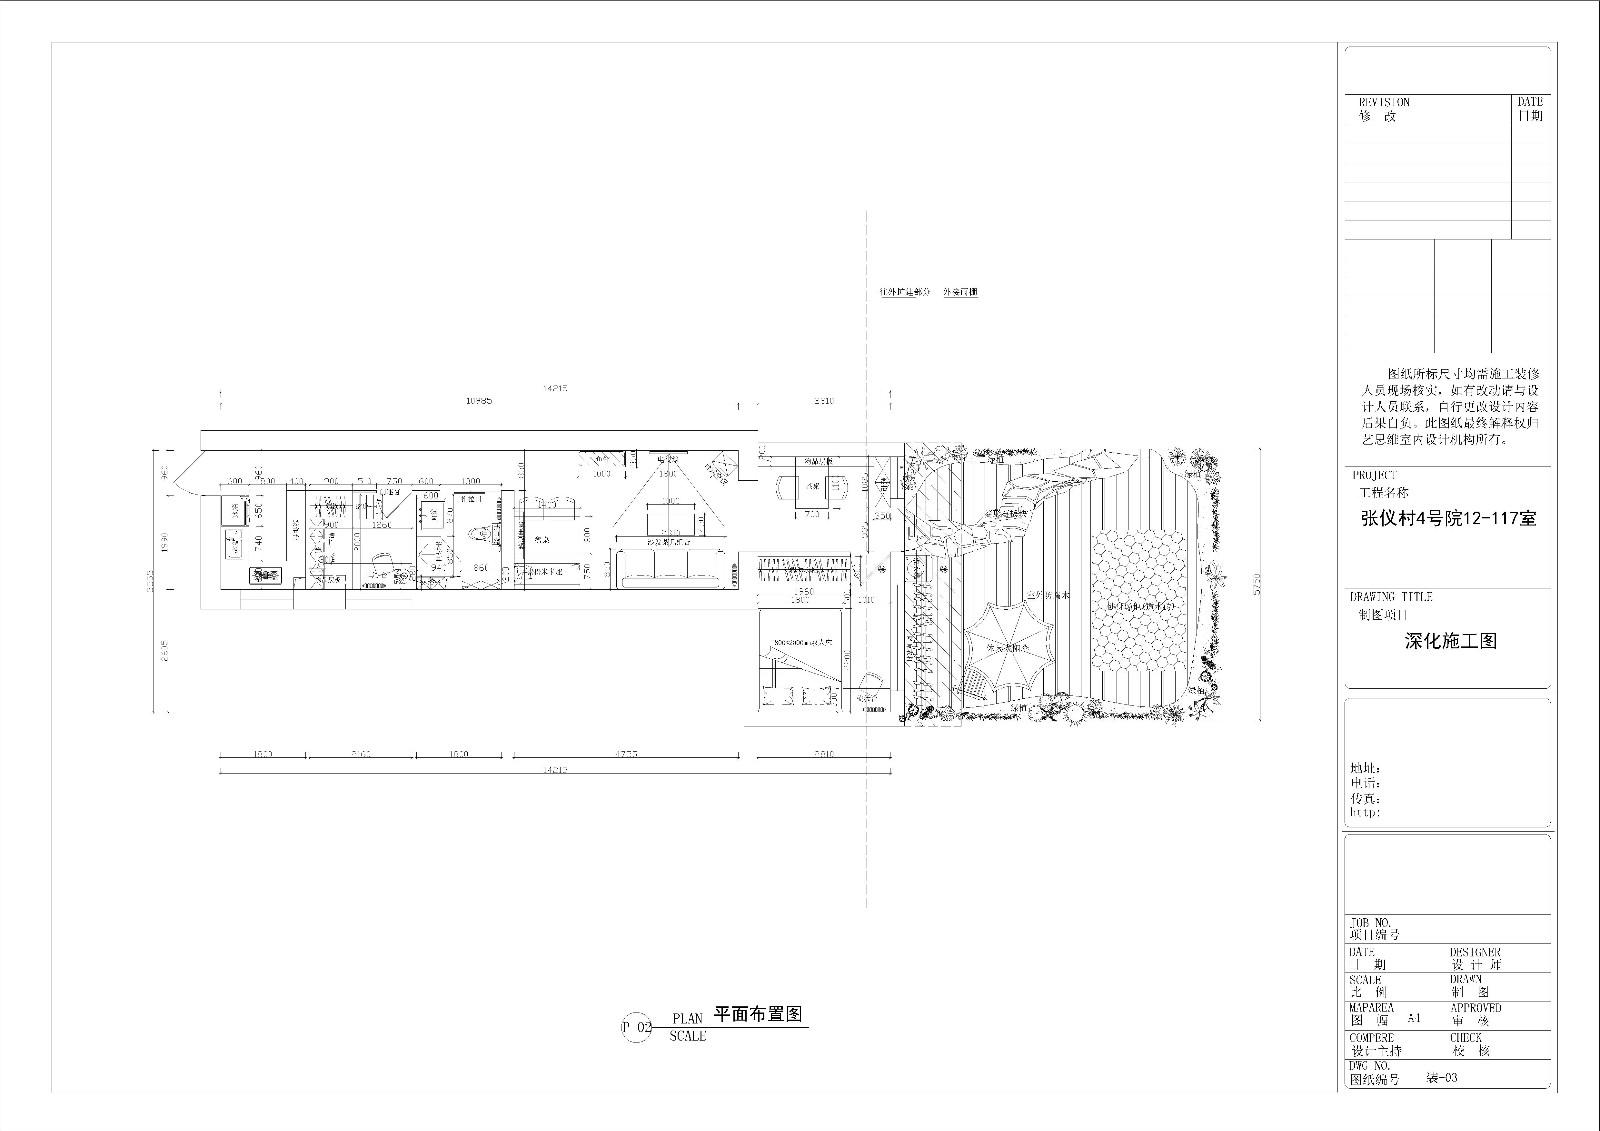 北京丰台张仪村——生活回廊